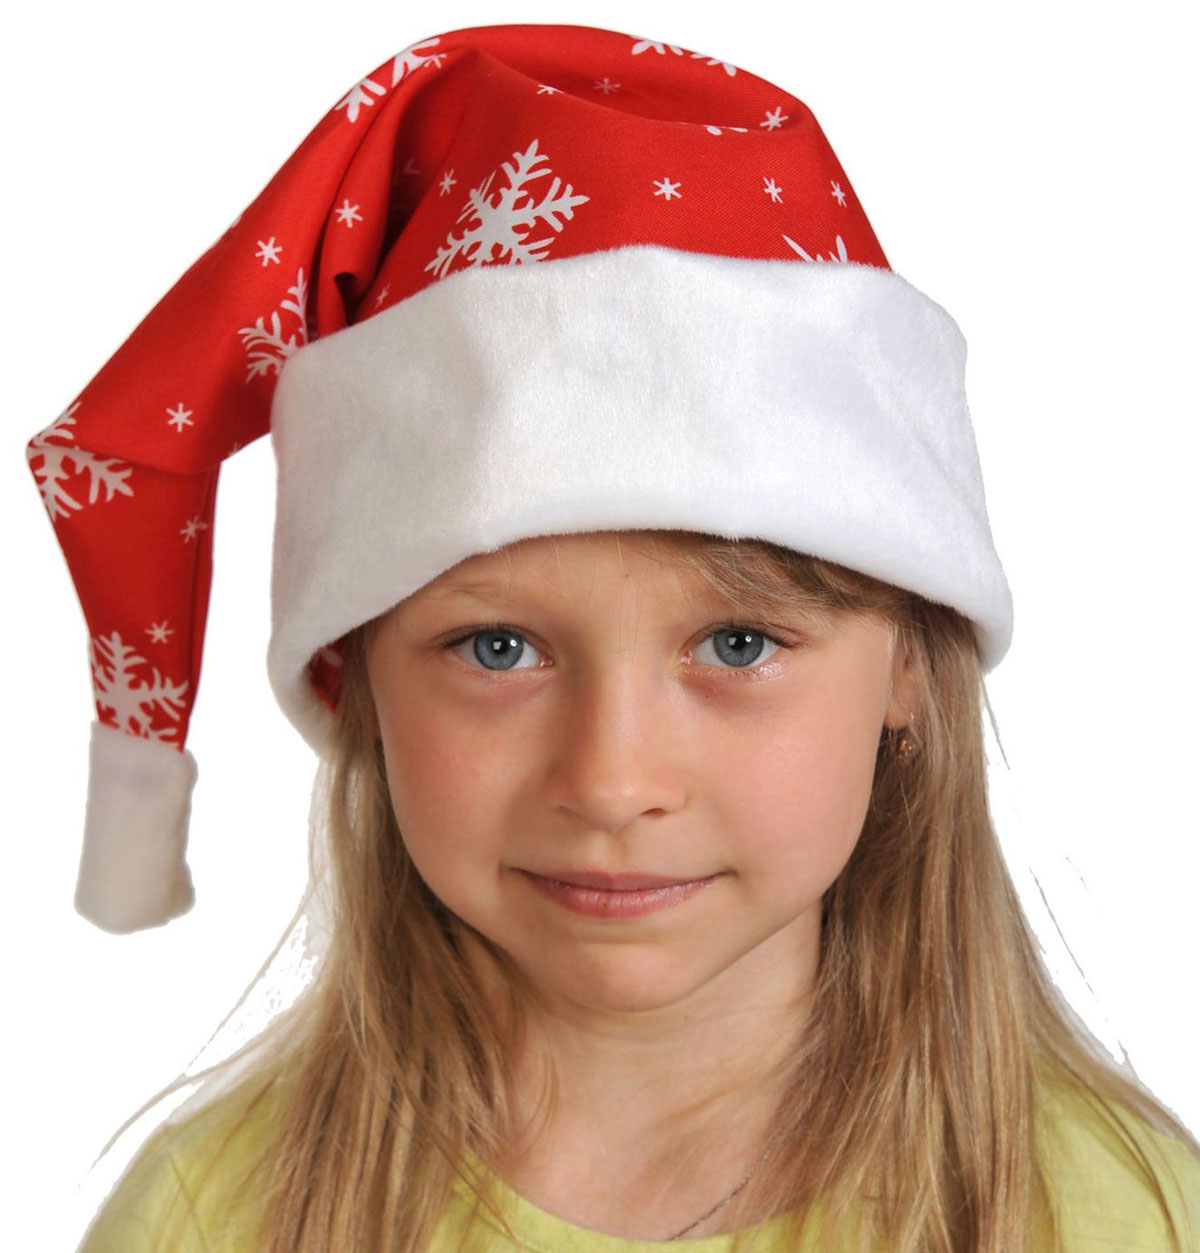 Колпак новогодний, цвет: красный. Размер 53/552512824Колпак - традиционный новогодний головной убор, который дополнит любой праздничный костюм. Будет это корпоративная вечеринка, утренник в школе или отдых в компании друзей - изделие поднимет настроение, где бы вы ни находились.Колпачок подойдет тем, кто собирается отмечать зимний праздник в помещении. В противном случае его следует надеть на теплую шапку, чтобы не простудиться.